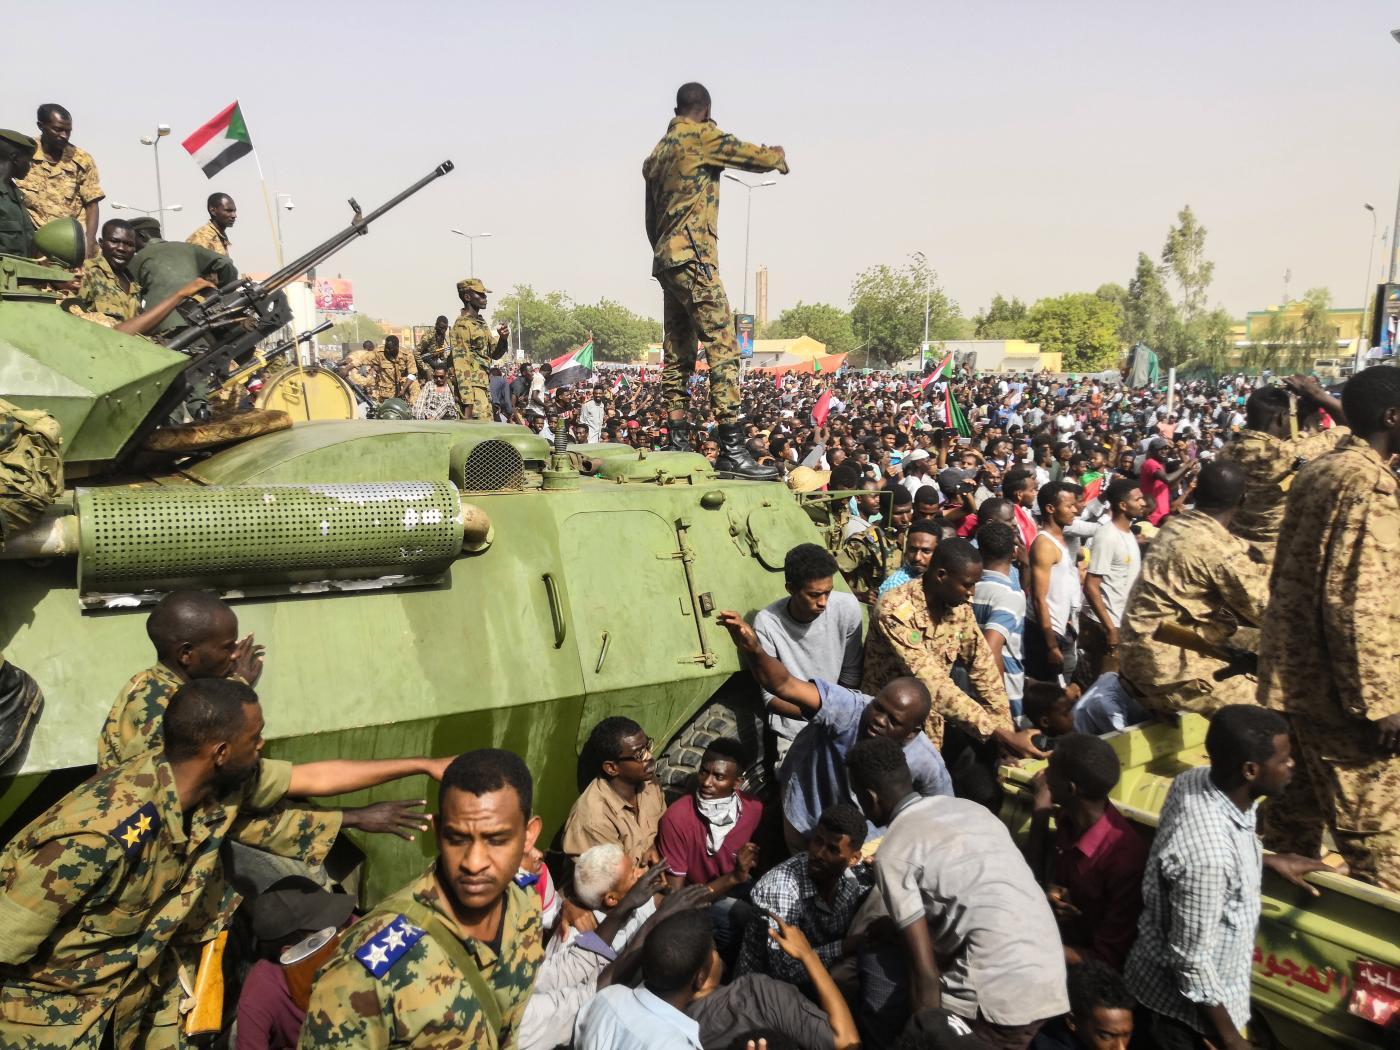 Golpe de Estado en Sudán de 2019 - Wikipedia, la enciclopedia libre